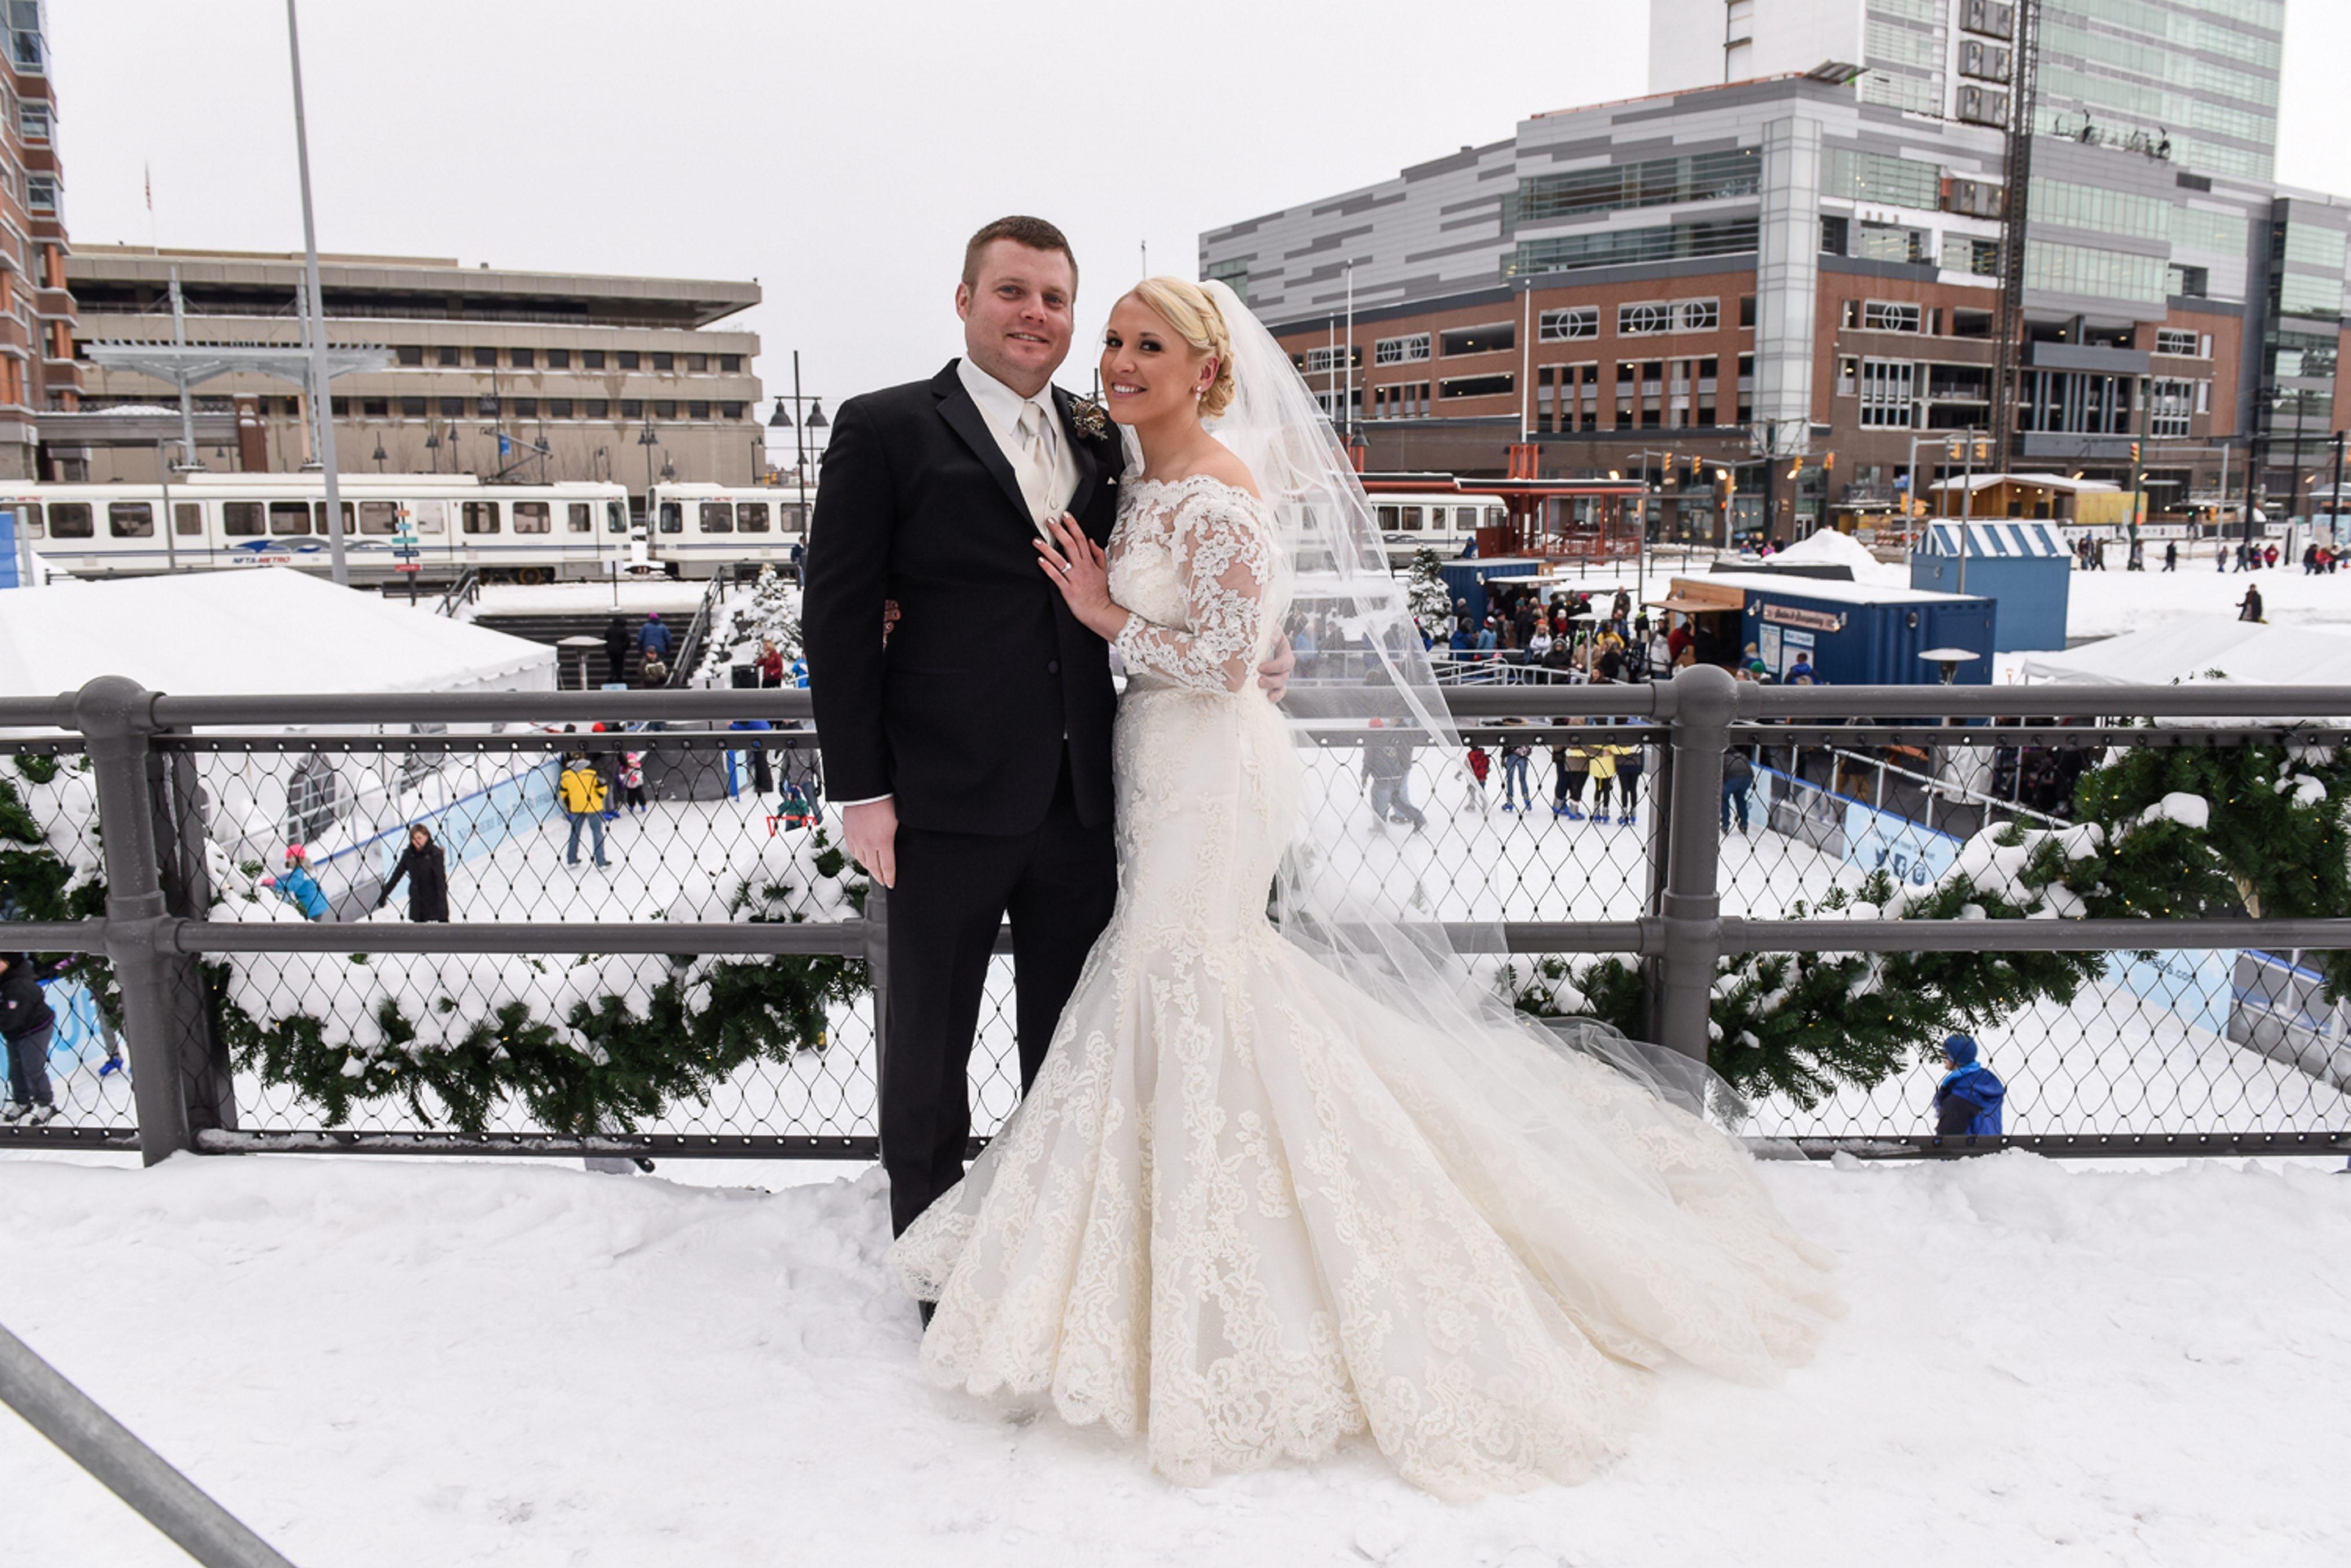 Geoff Nason, Kim Barnashuk wedding photo